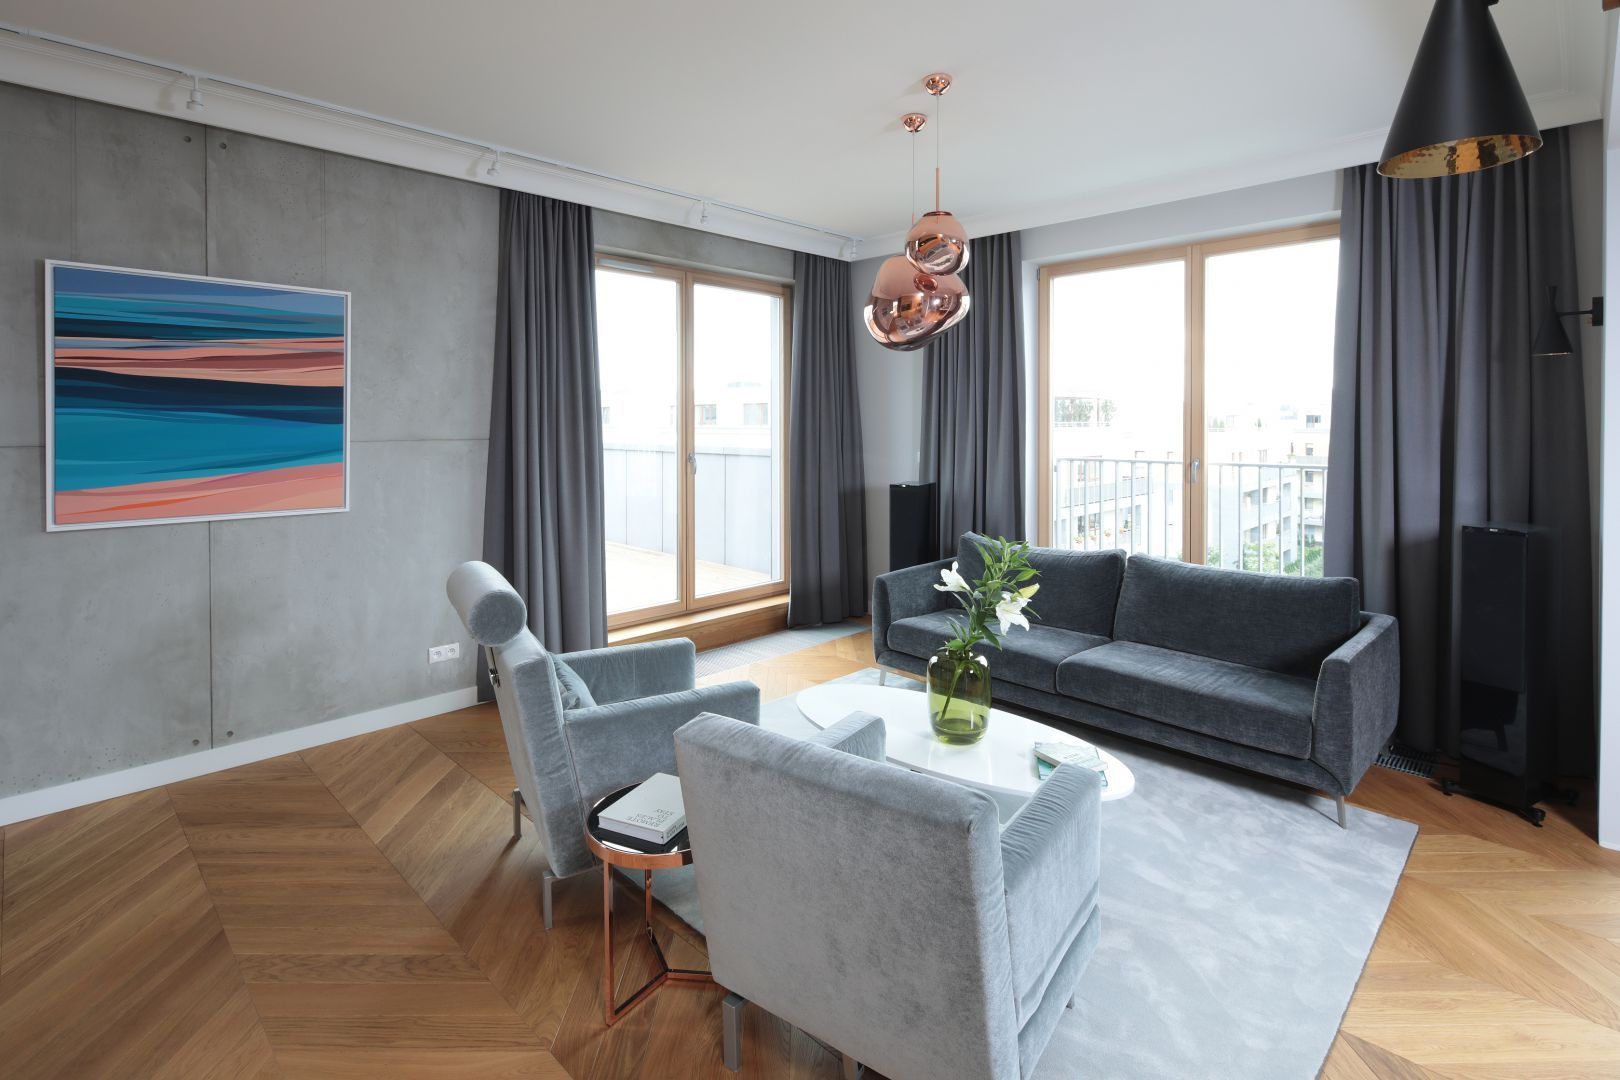 Ciemne, szare zasłony pięknie dekorują okna w nowoczesnym salonie. Projekt: Katarzyna Mikulska-Sękalska. Fot. Bartosz Jarosz